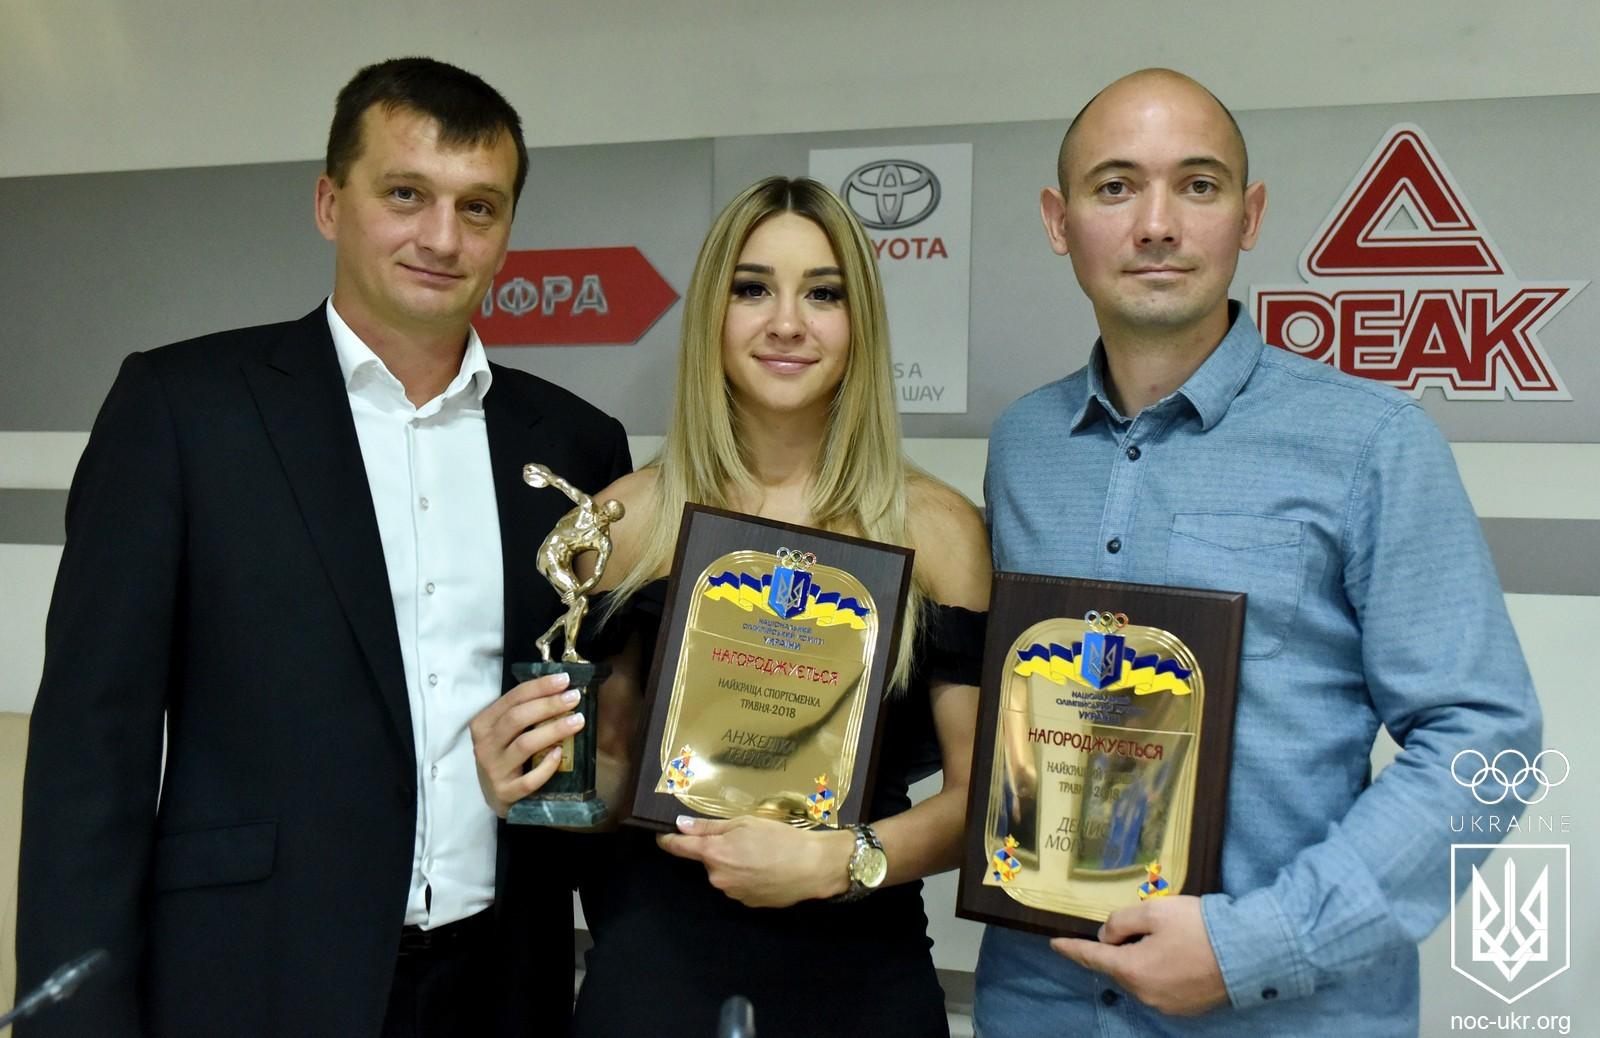 Одесская каратистка Анжелика Терлюга признана «Лучшей спортсменкой мая 2018 года»